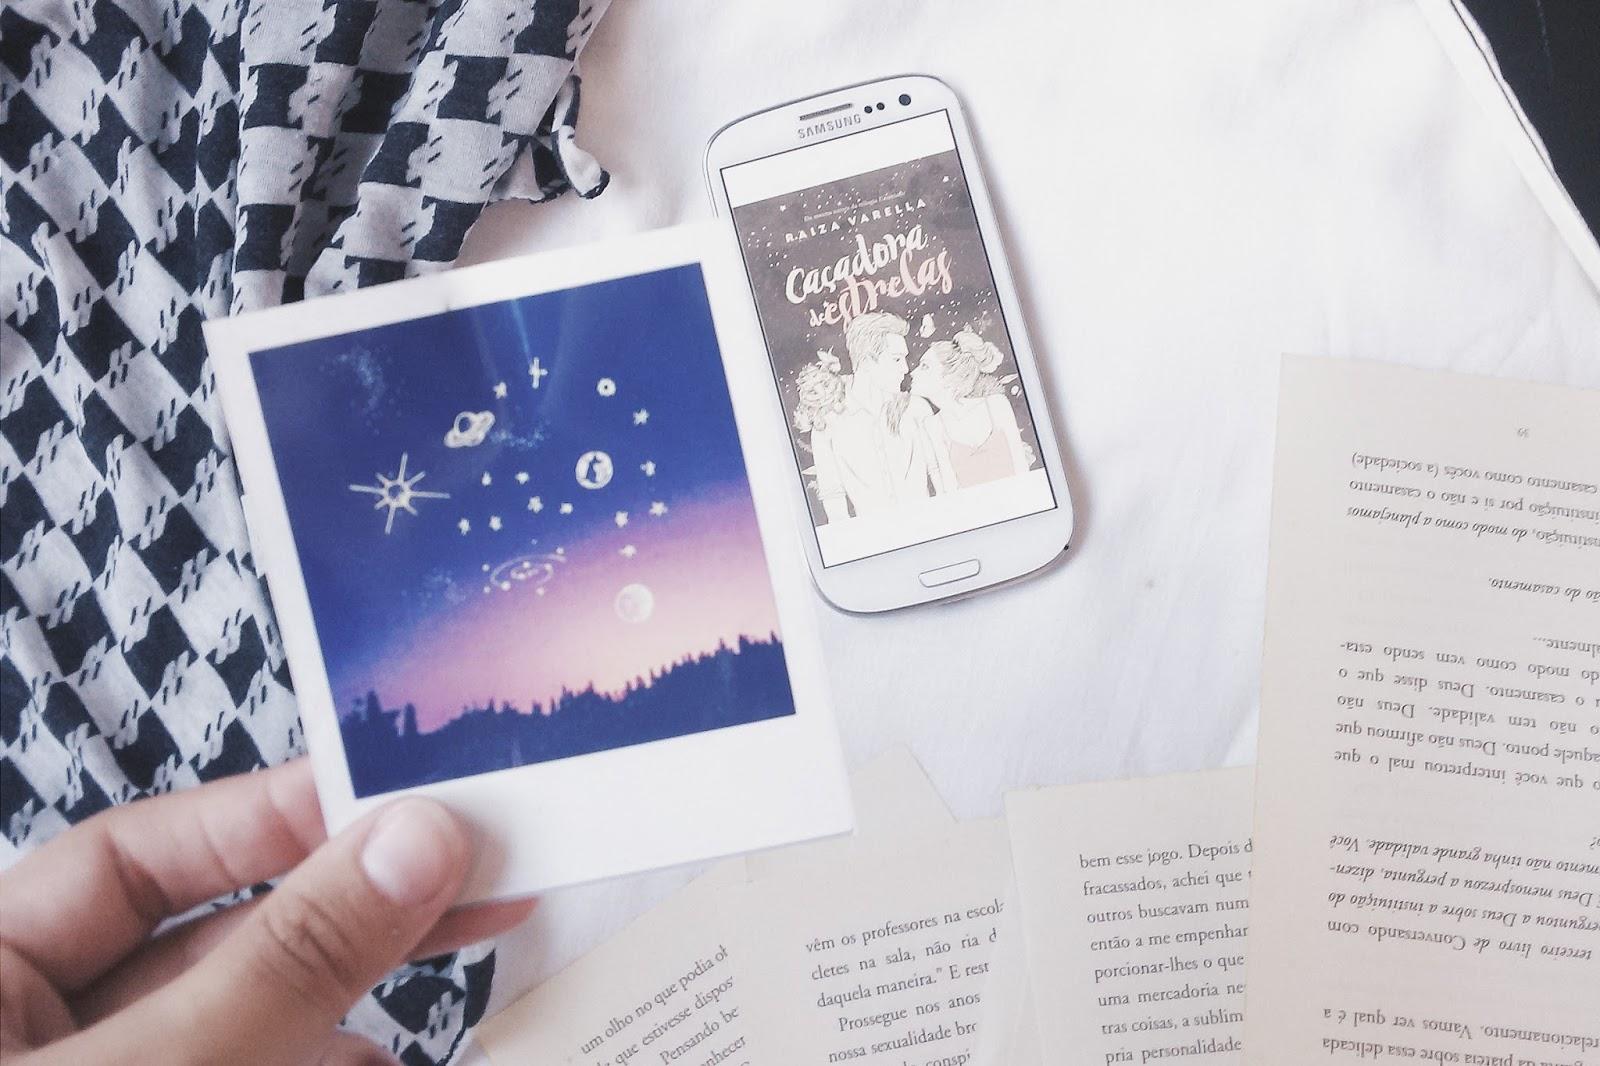 Caçadora de Estrelas